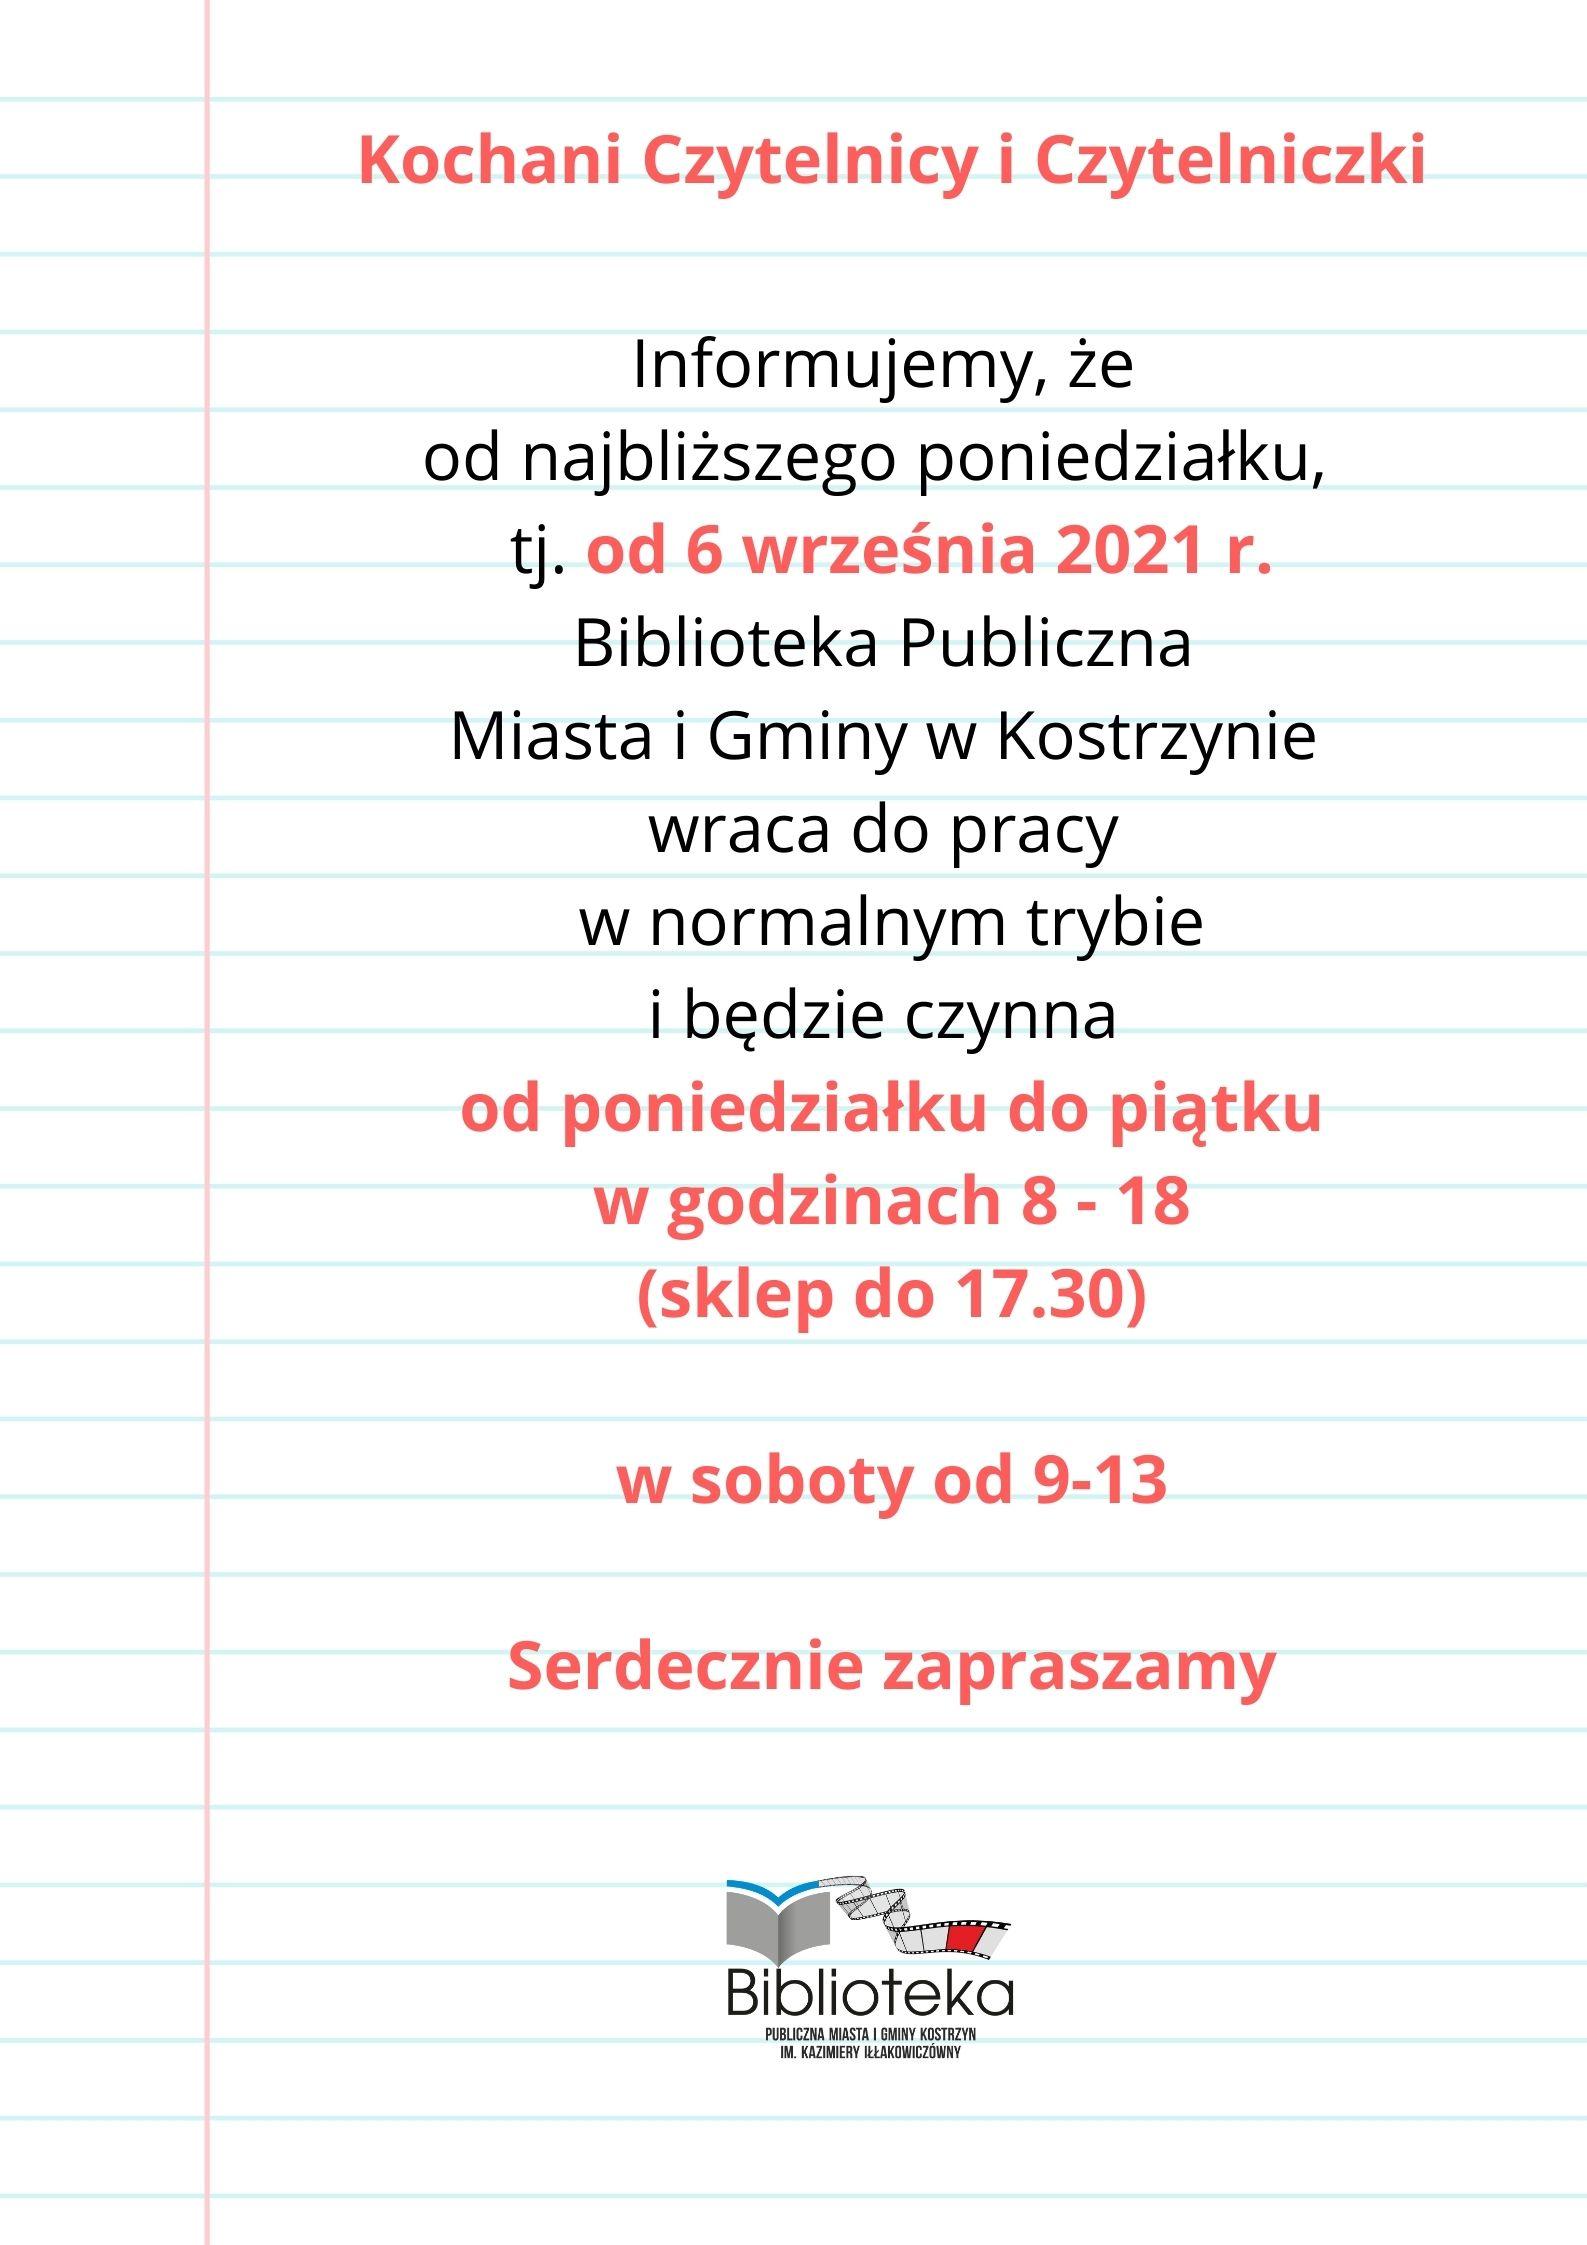 godziny-pracy-biblioteki-od-6-wrzesnia